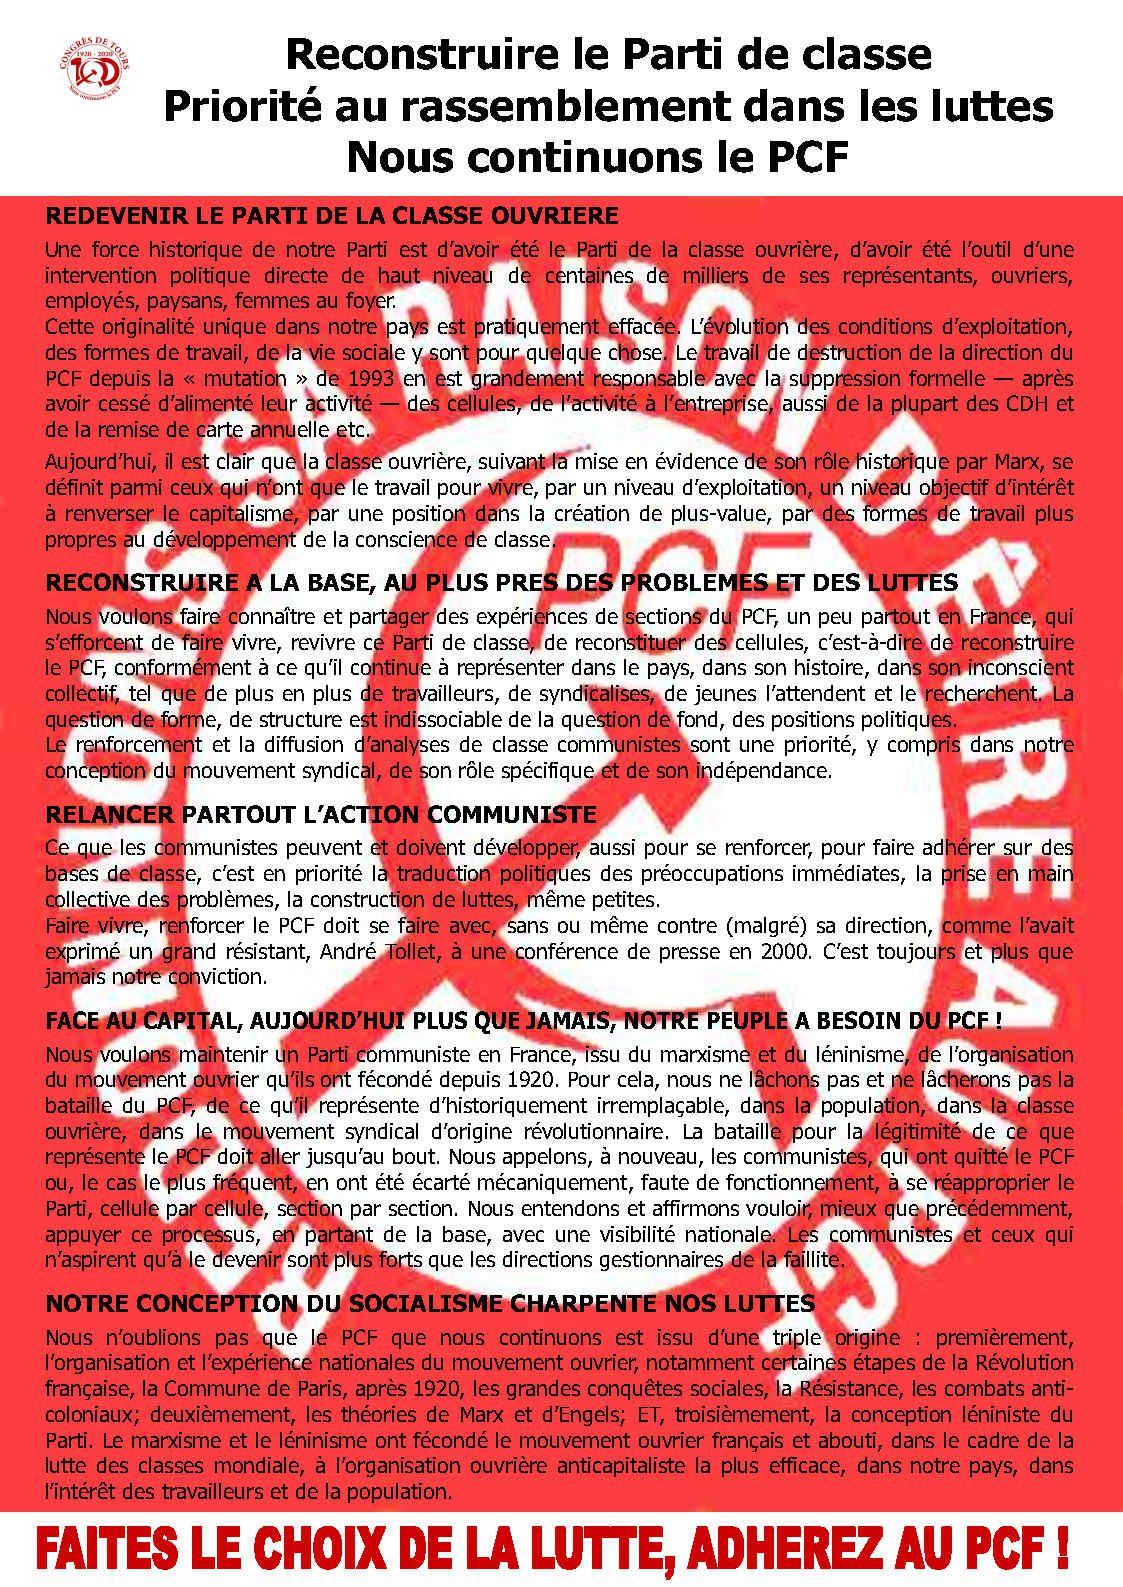 1920 - 2020. Congrès de Tours. 100 ans de lutte anticapitaliste - 20